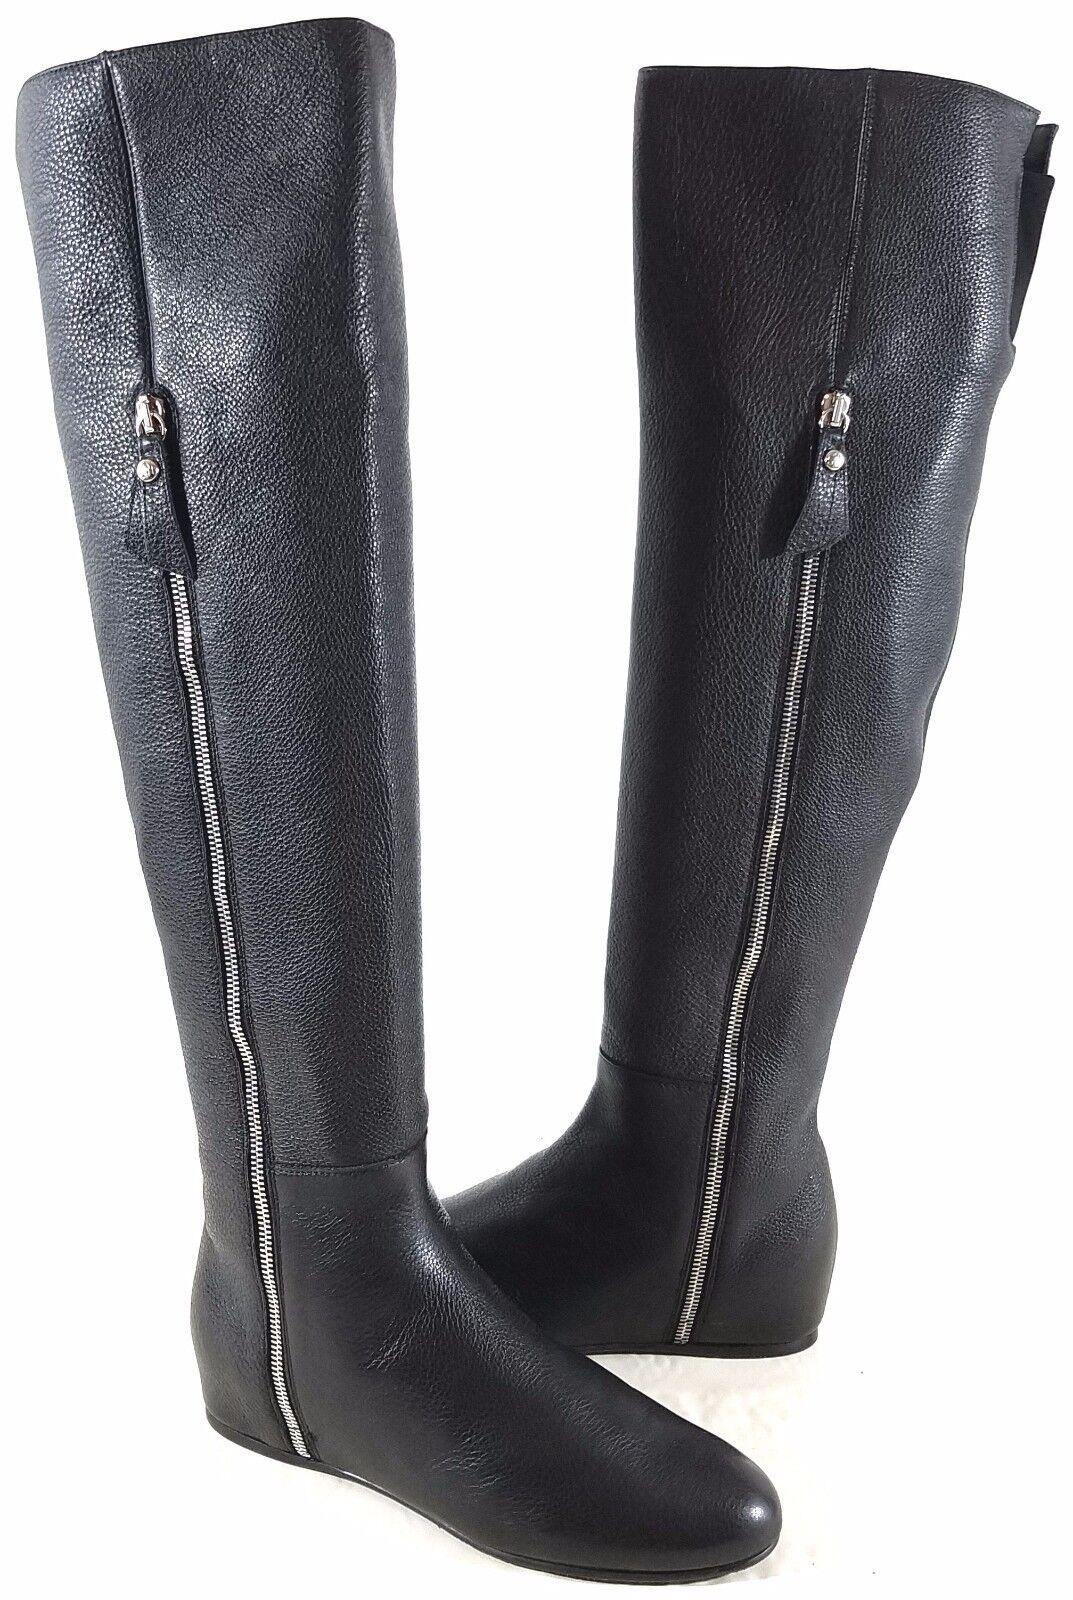 Stuart Weitzman Elf BLADEE Stiefel Größe  US6 Regular RET  698.00